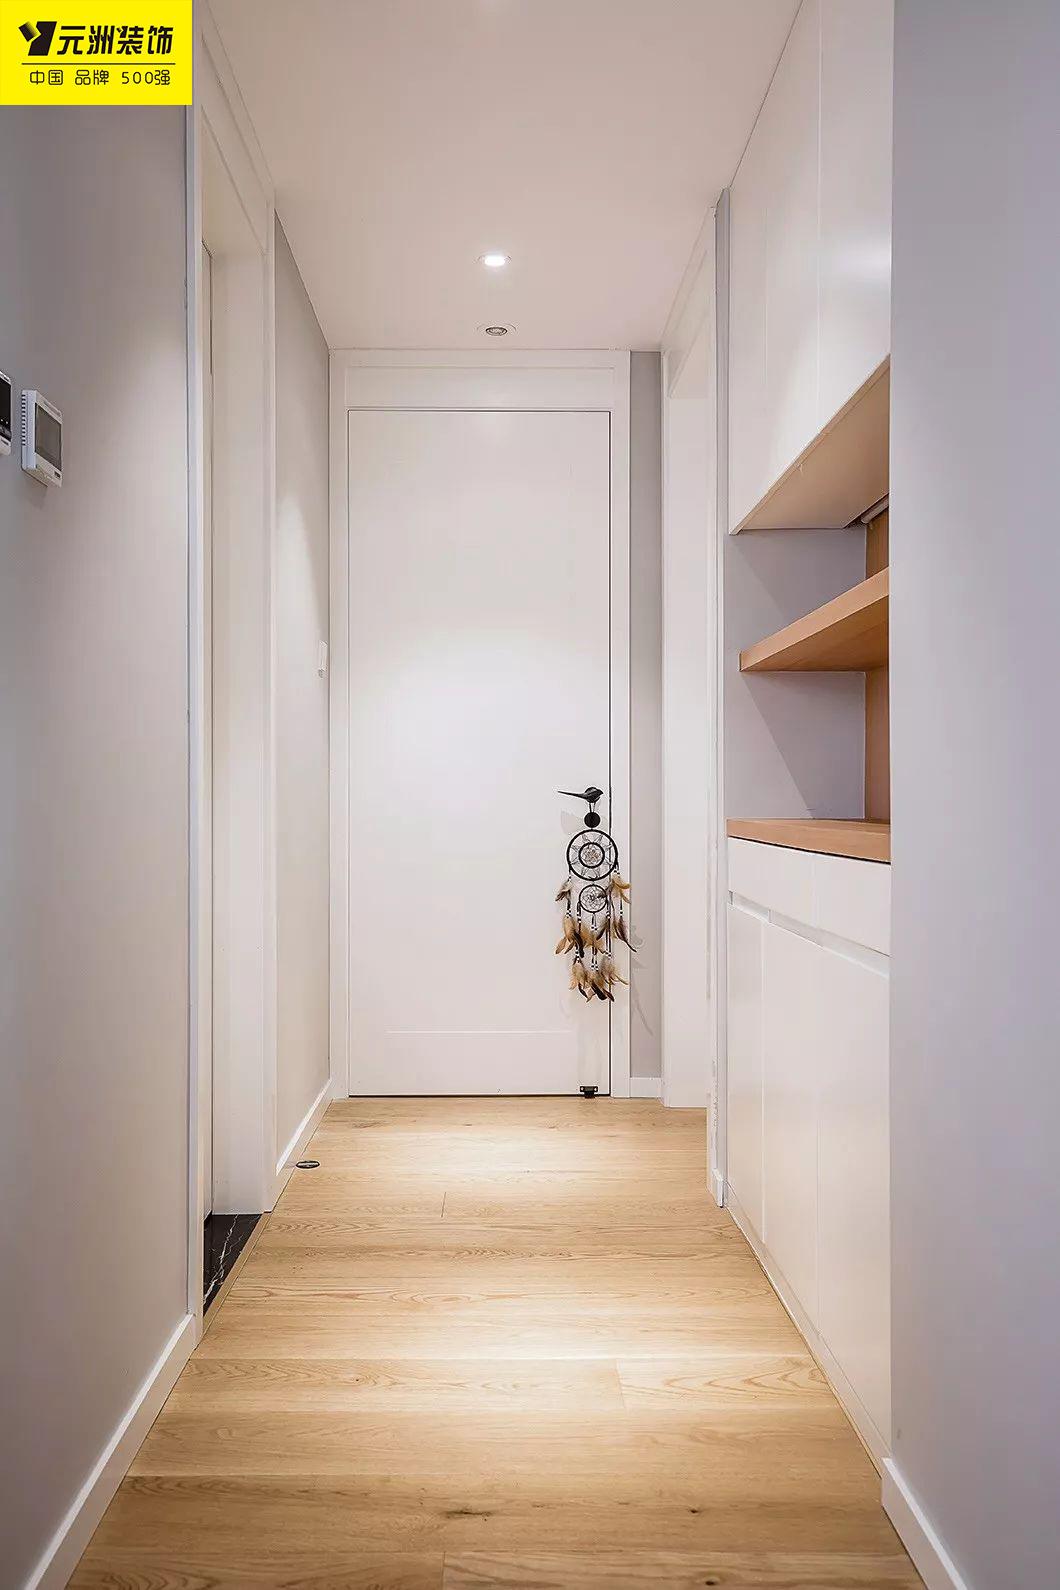 【淮南元洲裝飾】還在糾結室內門怎么選?不妨試試這些經典款,耐看又實用!